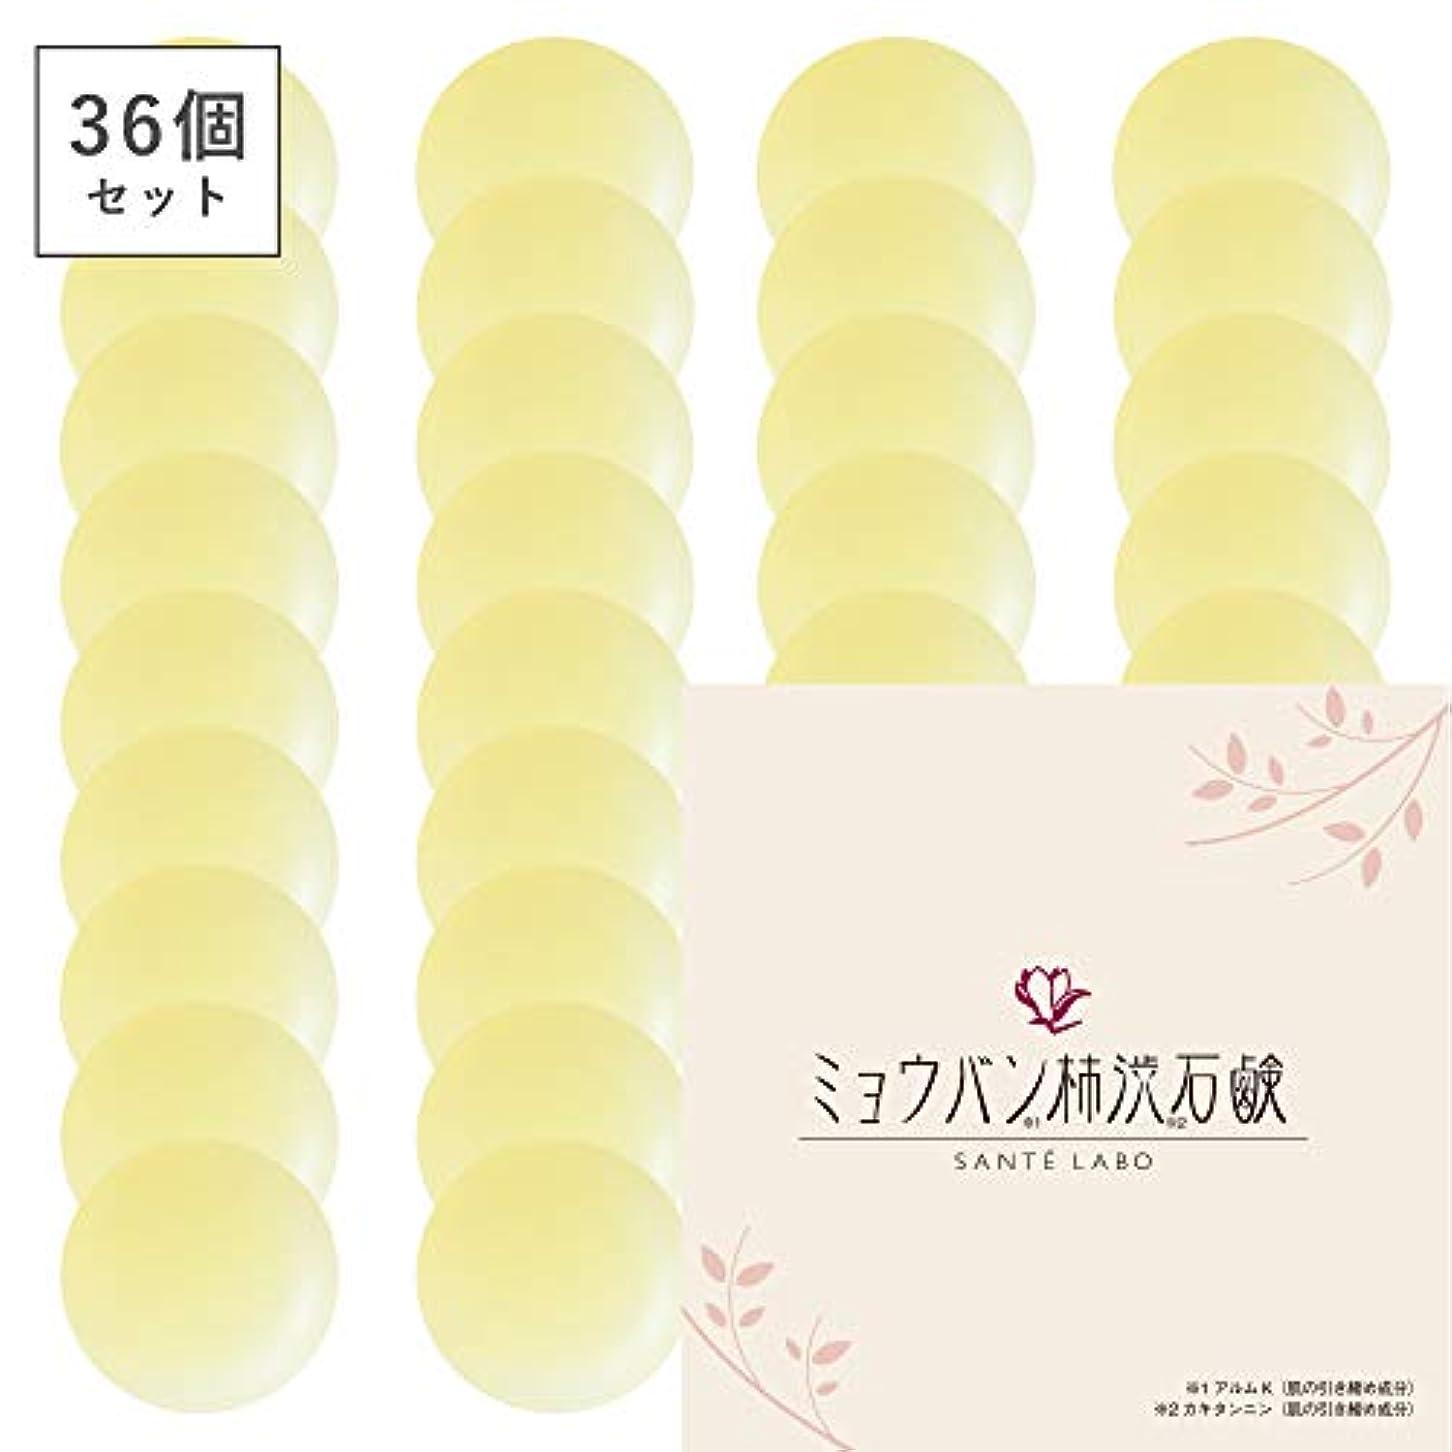 コンパクト実験をする再開【36個セット】ミョウバン柿渋石鹸(ナチュラルクリアソープ) (36個)